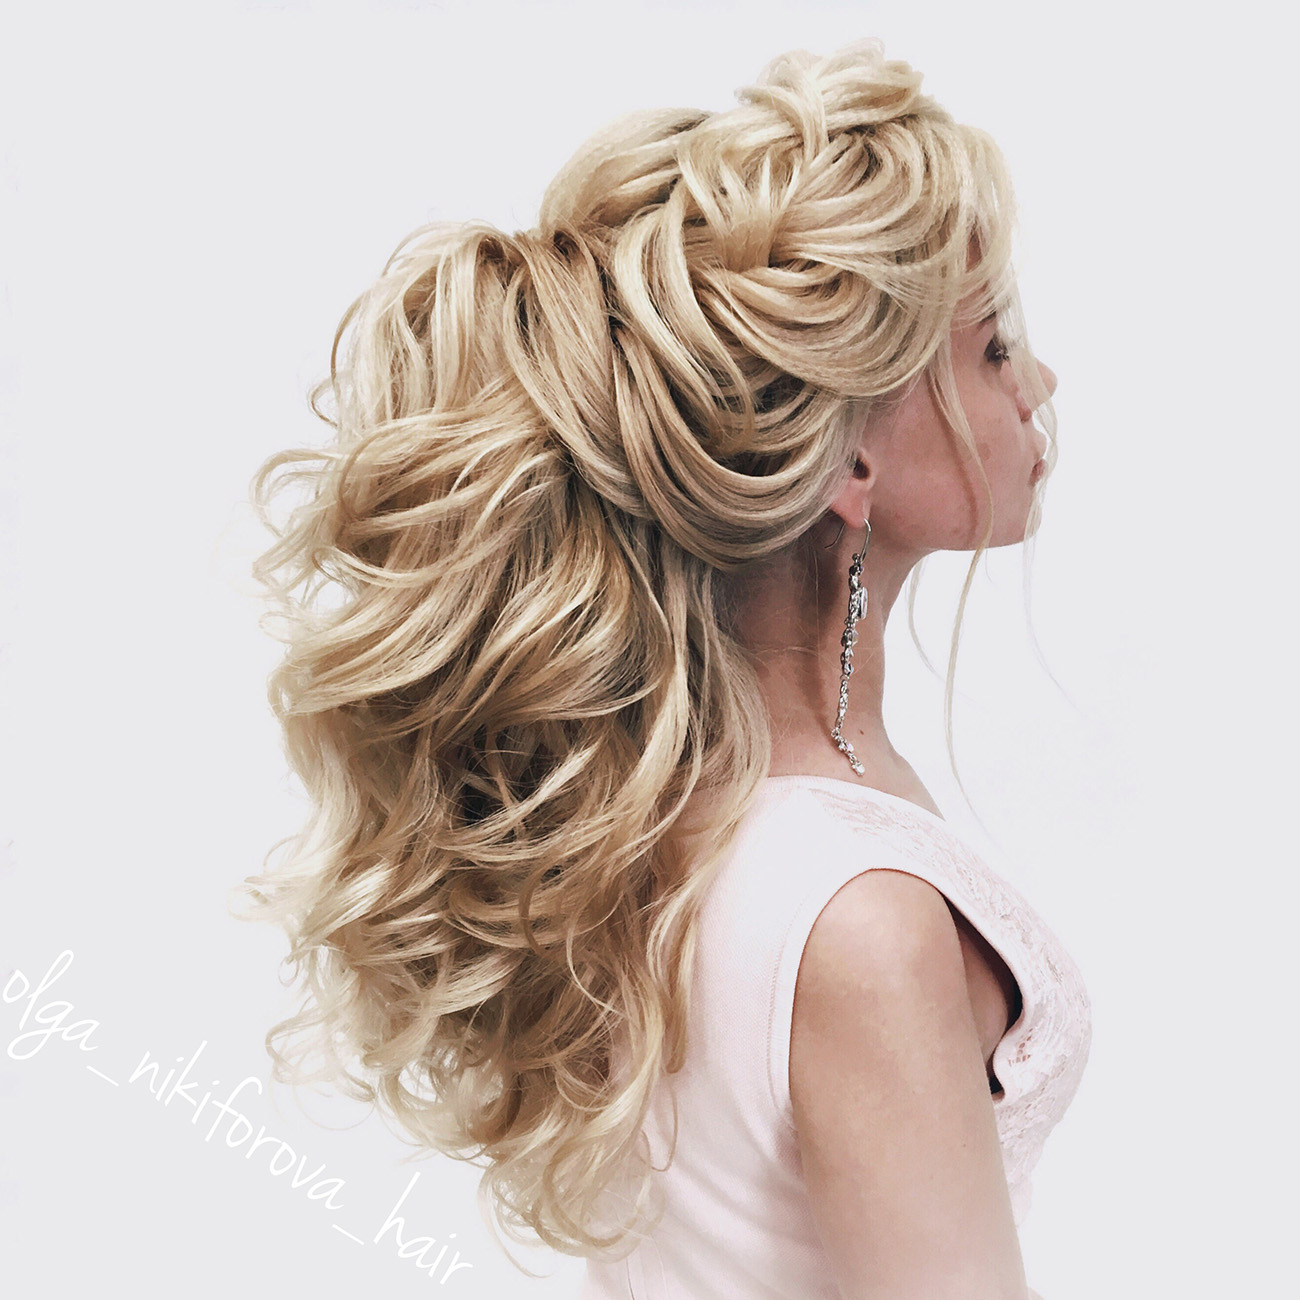 Сделать свадебные прически на длинных волос